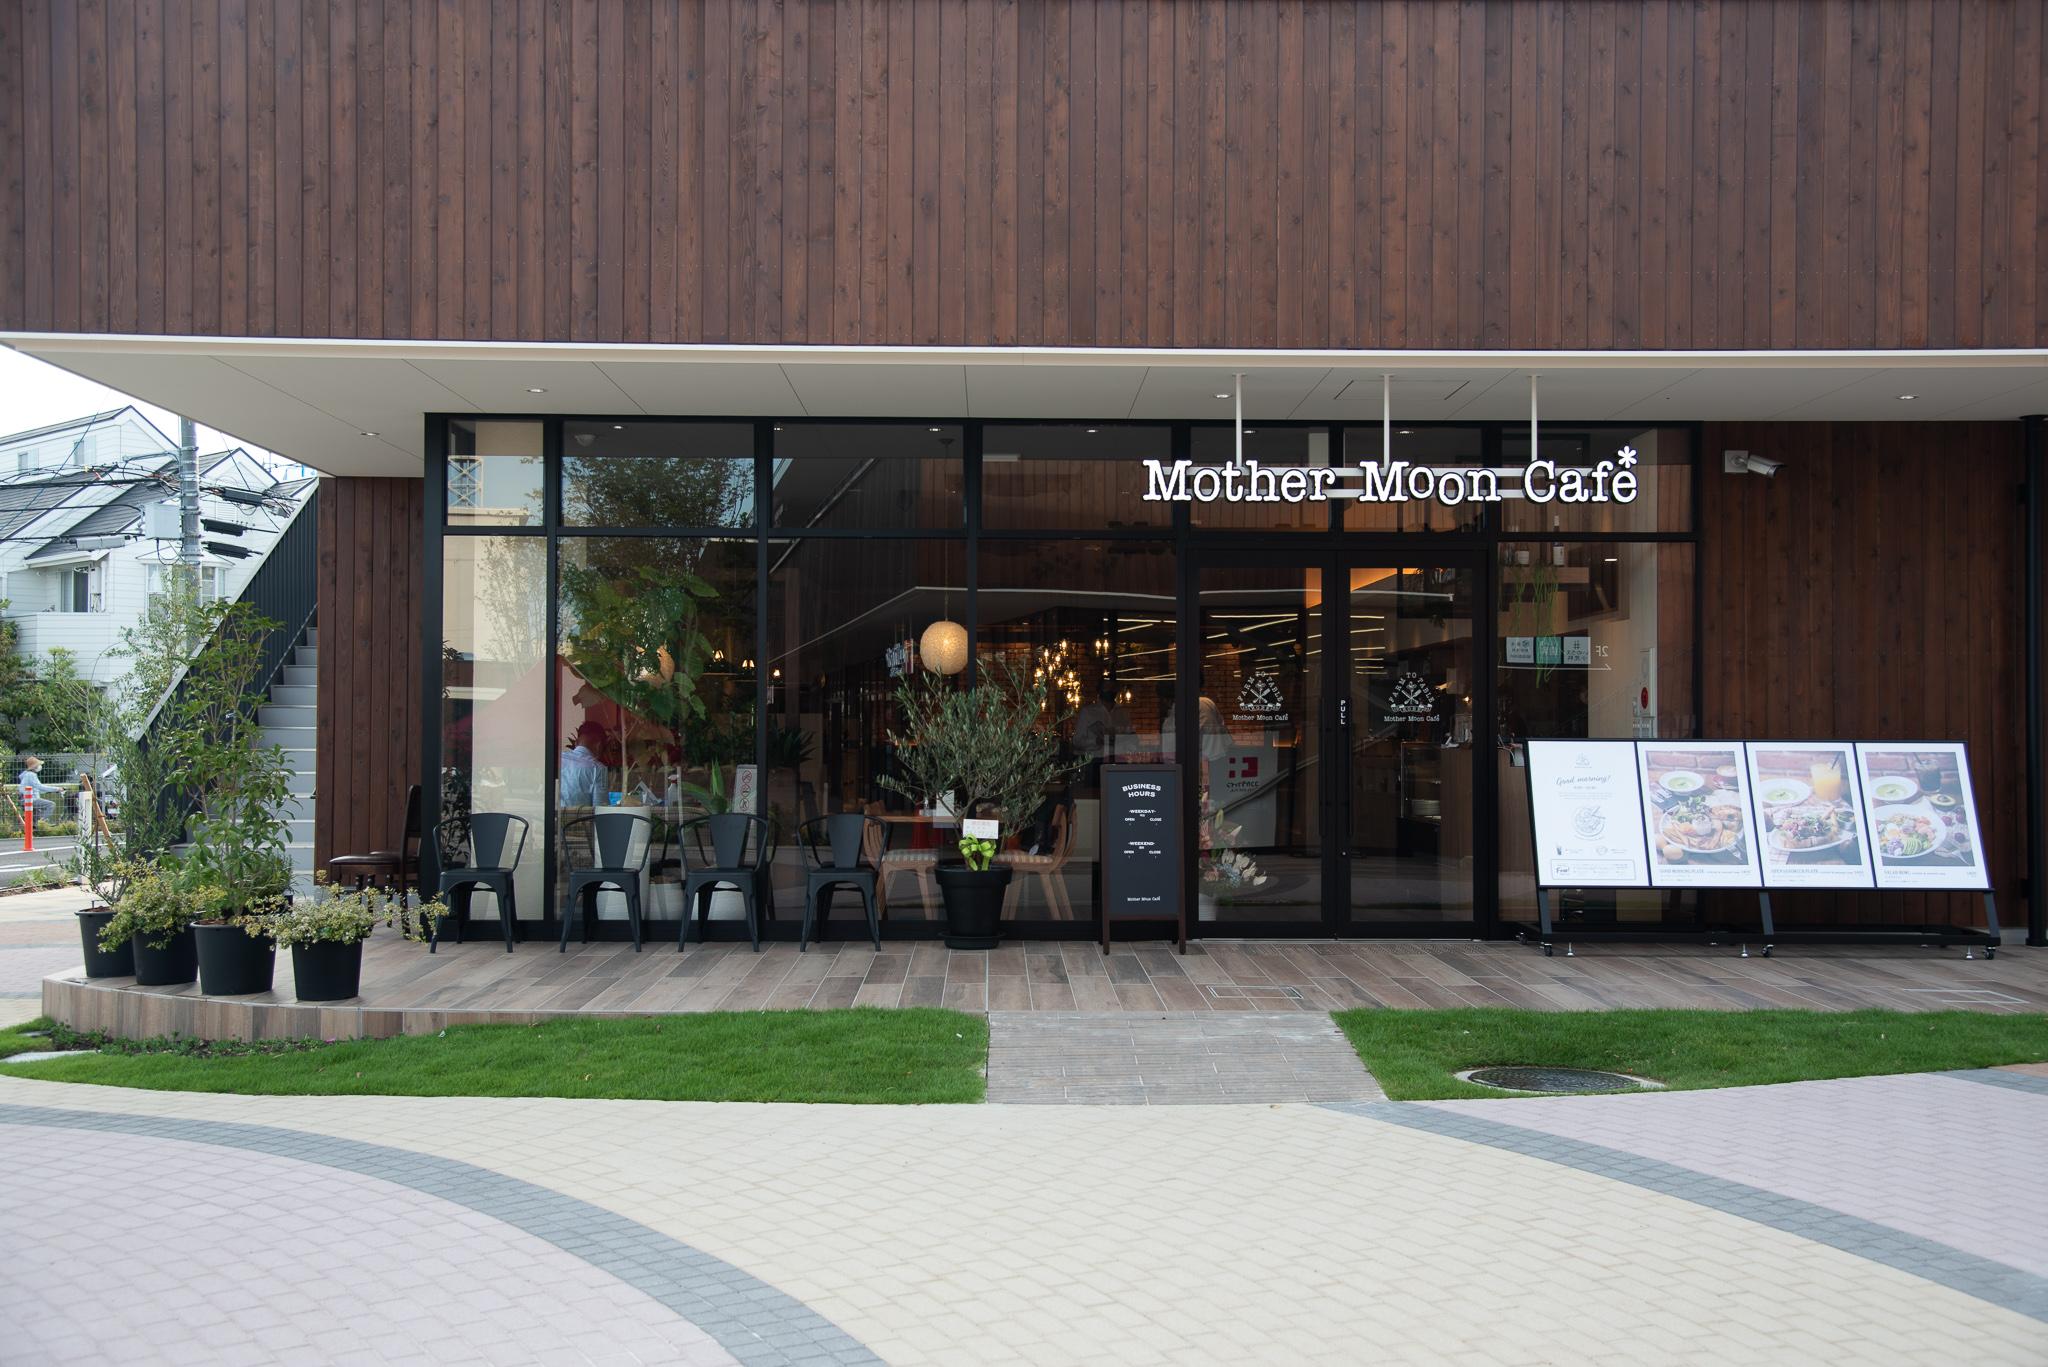 MotherMoonCafe西宮店9月3日オープン詳細のお知らせ